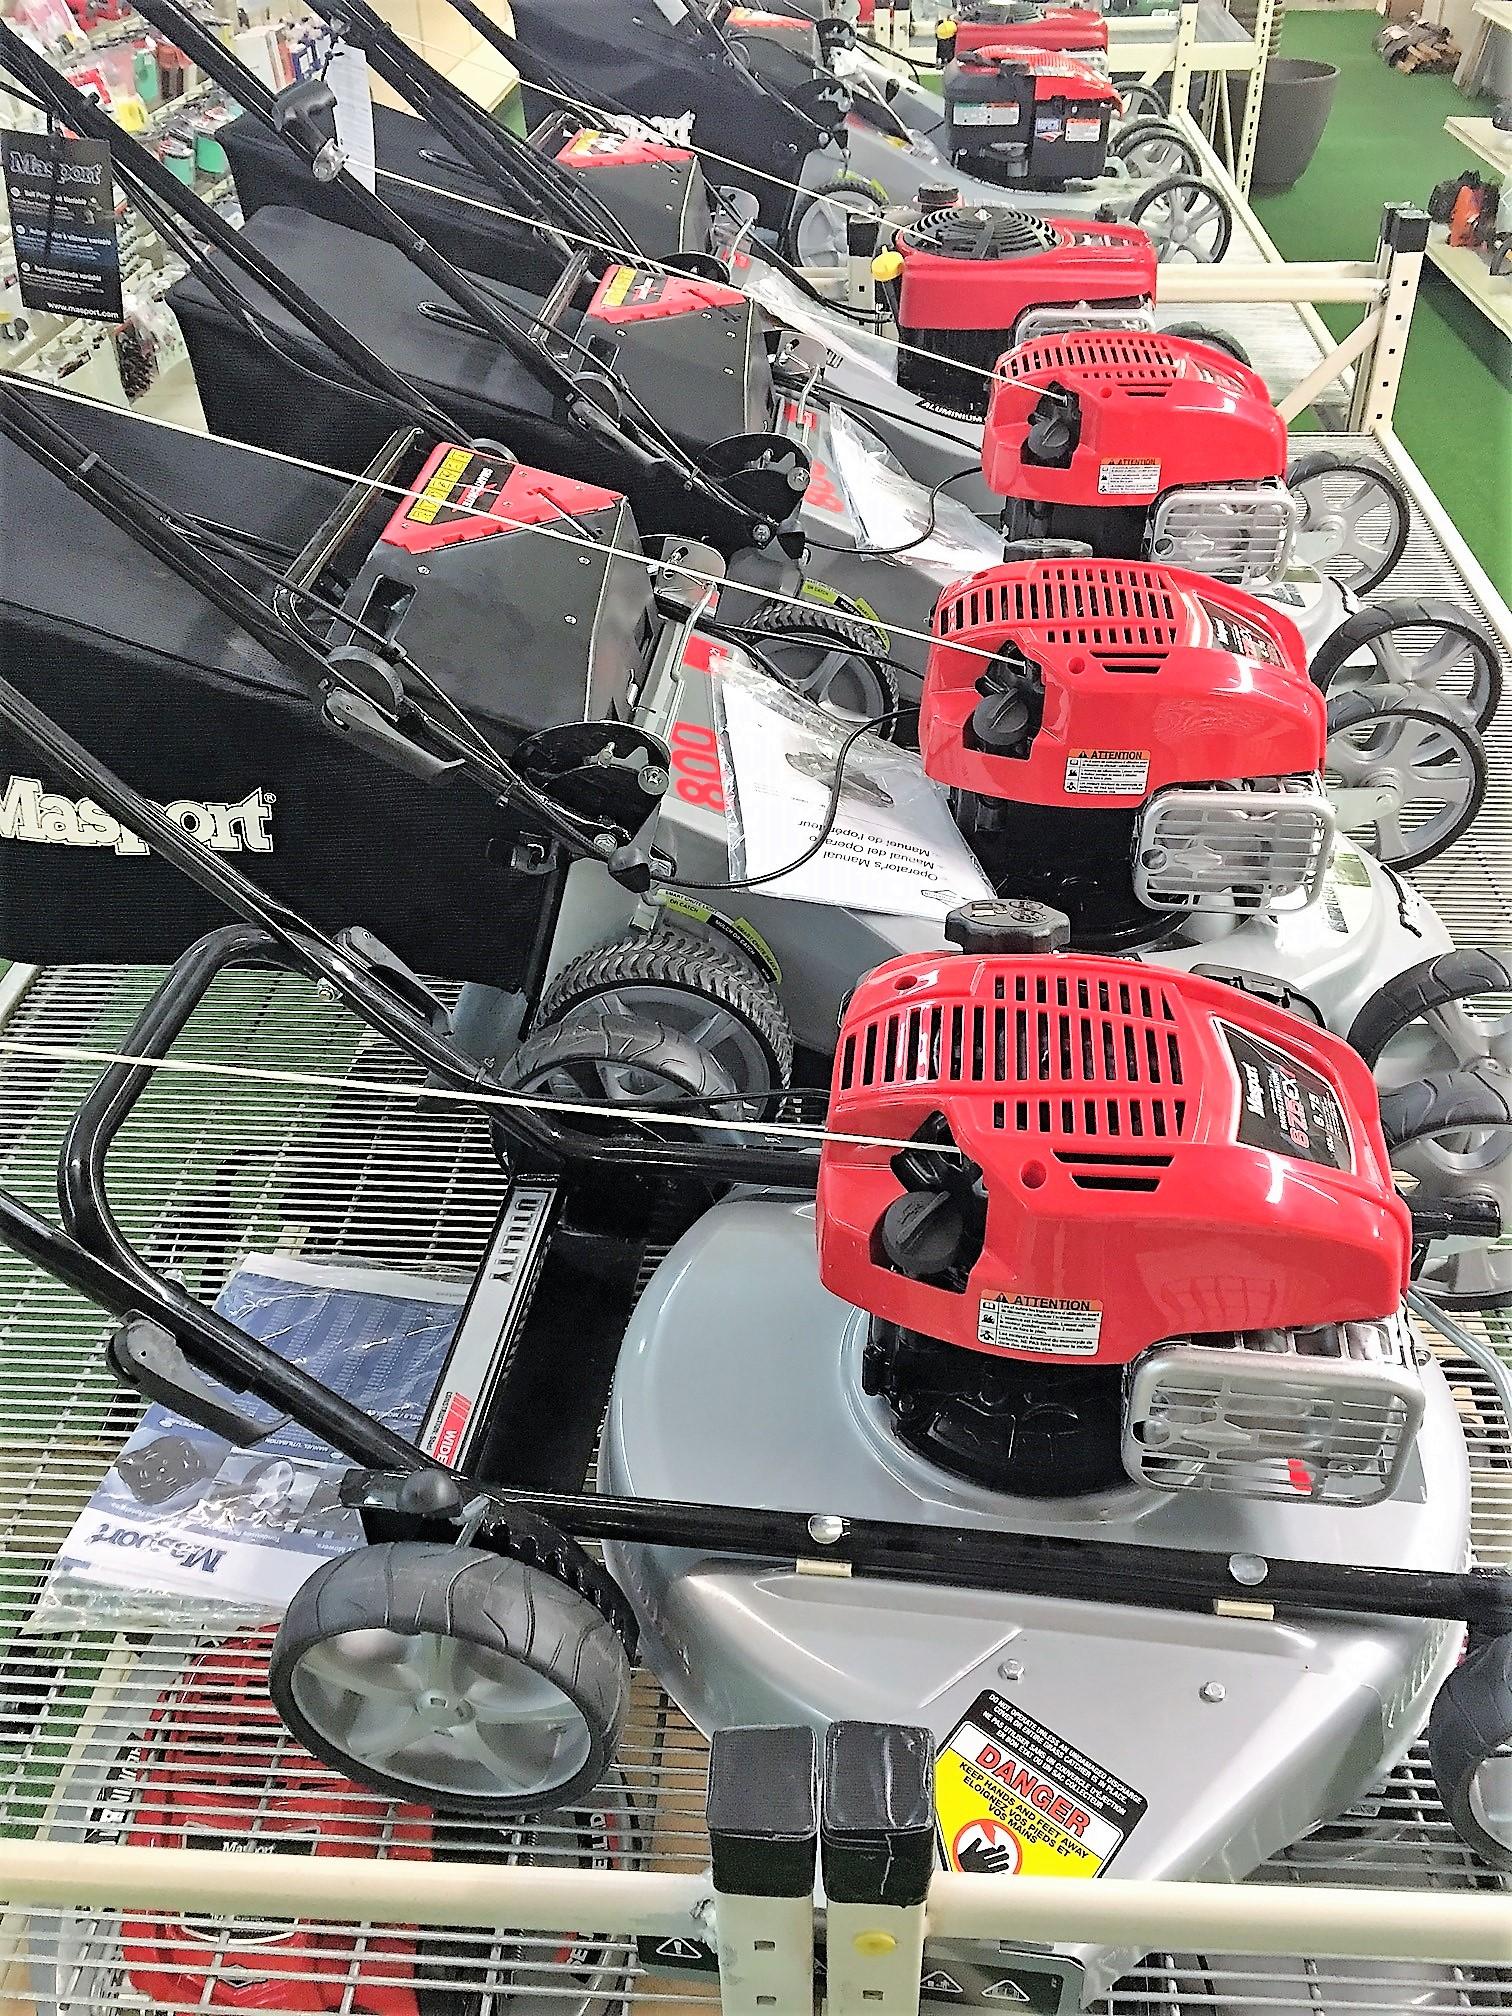 Napa | Goodland | Shores Napa Auto Parts Goodland Hardware